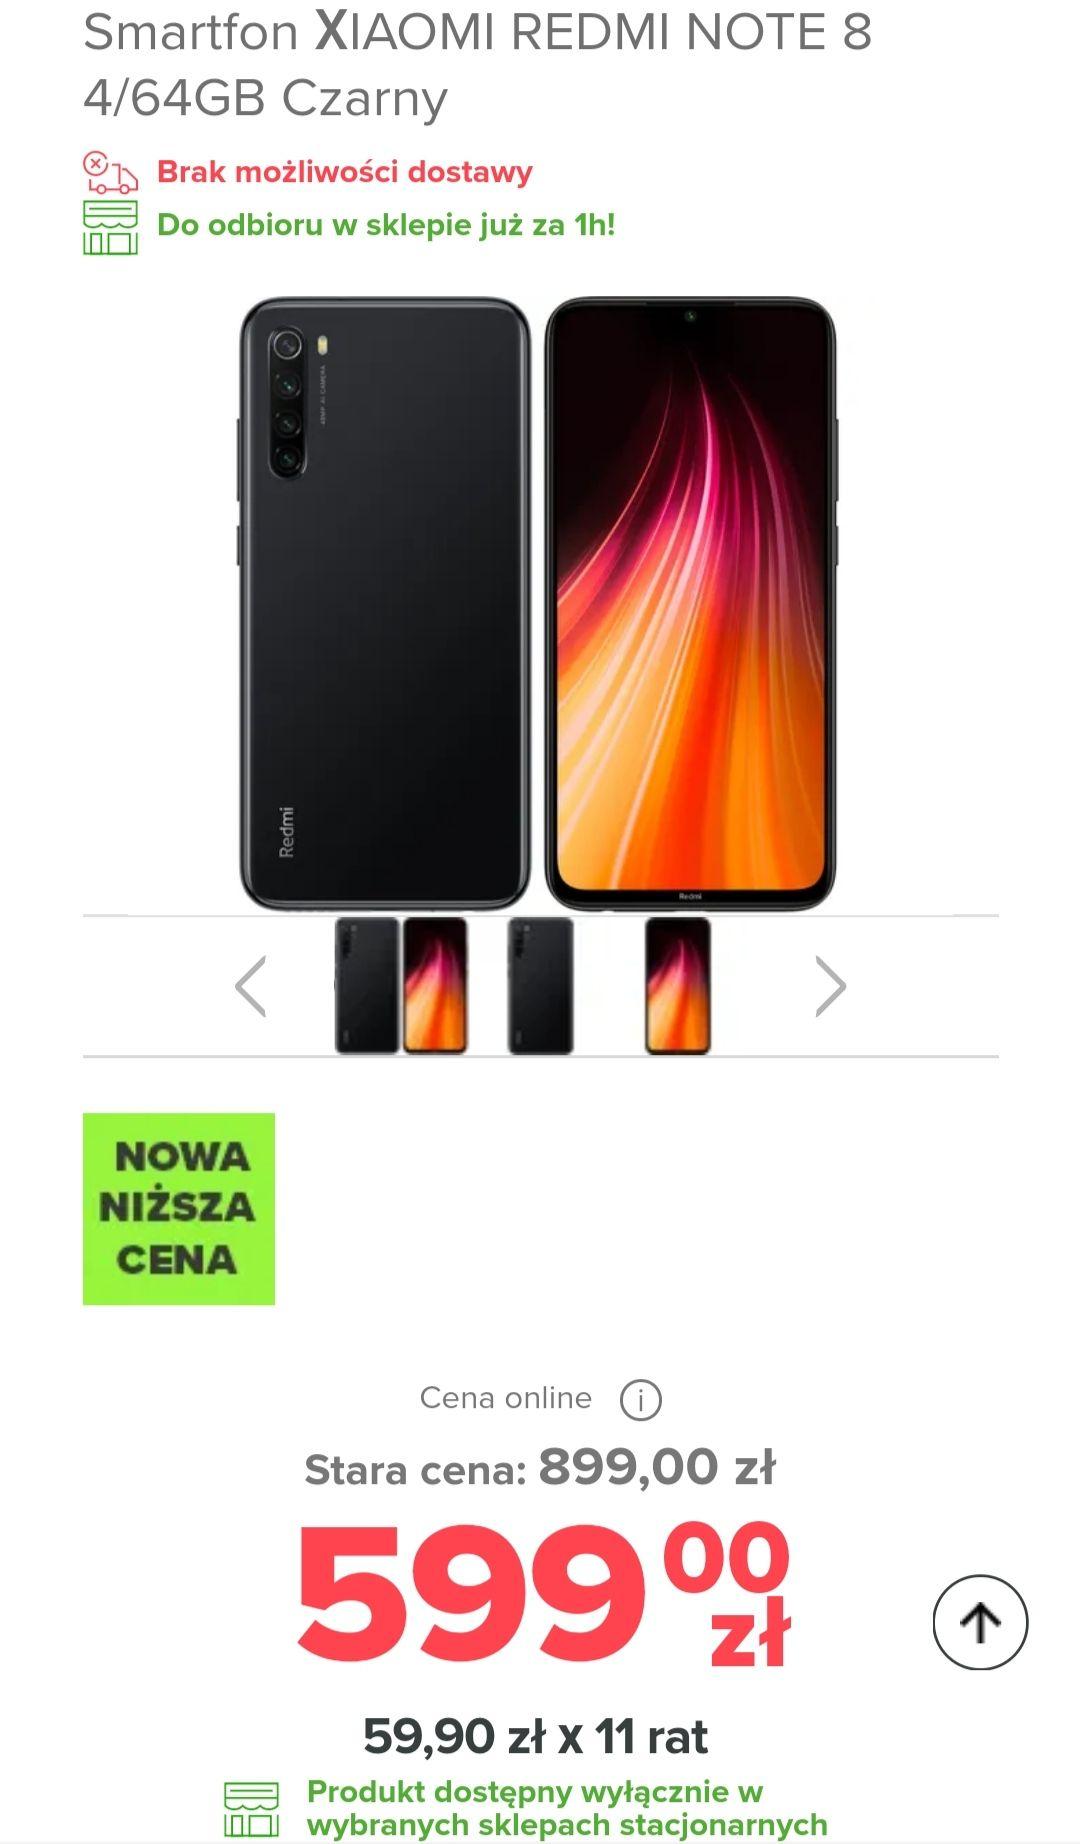 Smartfon XIAOMI REDMI NOTE 8 4/64GB (Czarny/Niebieski)